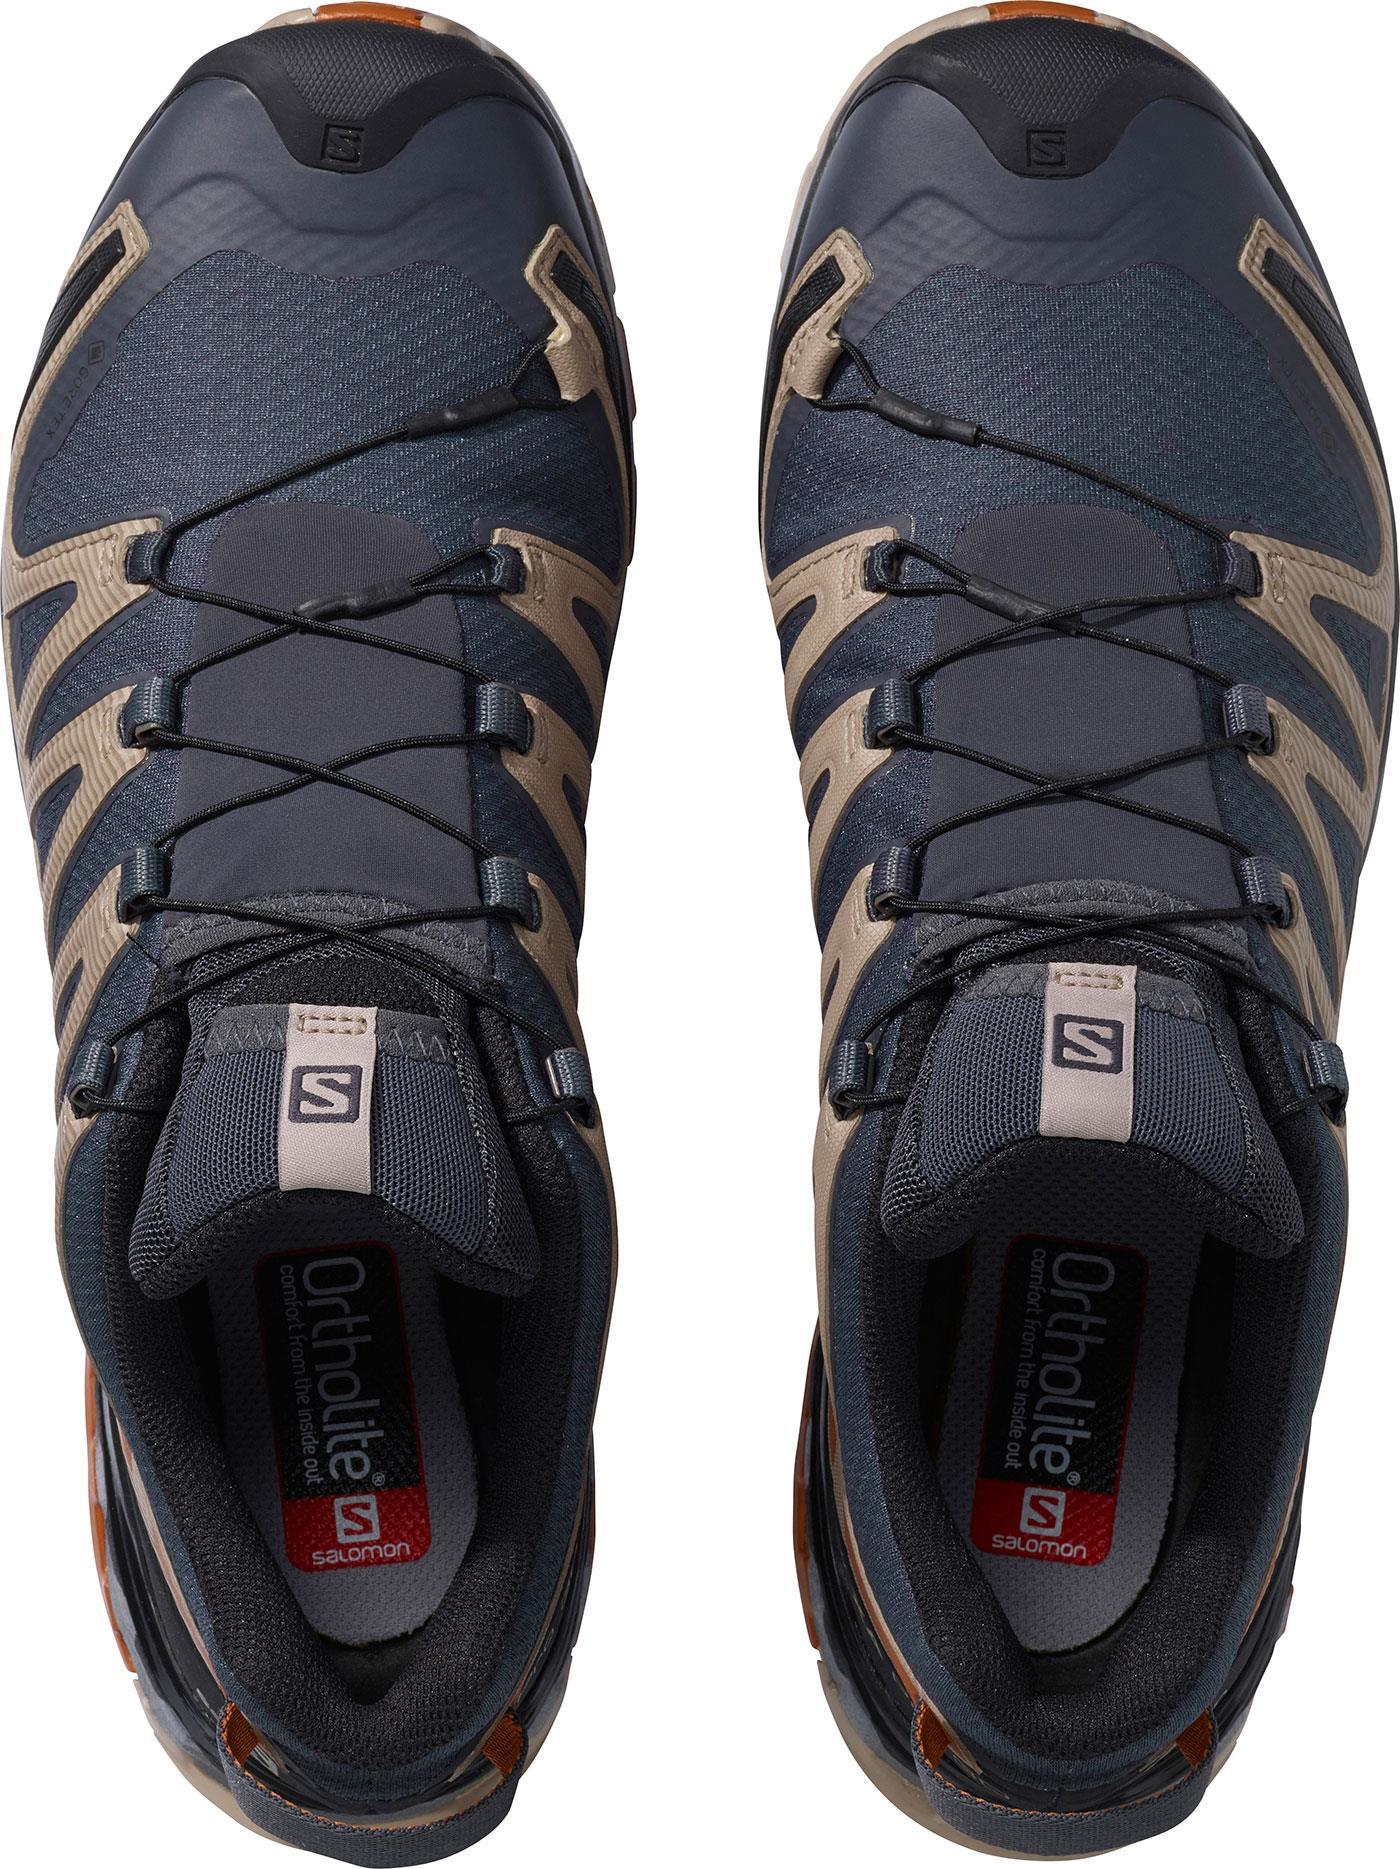 Salomon XA PRO 3D v8 GTX Erkek Ayakkabısı